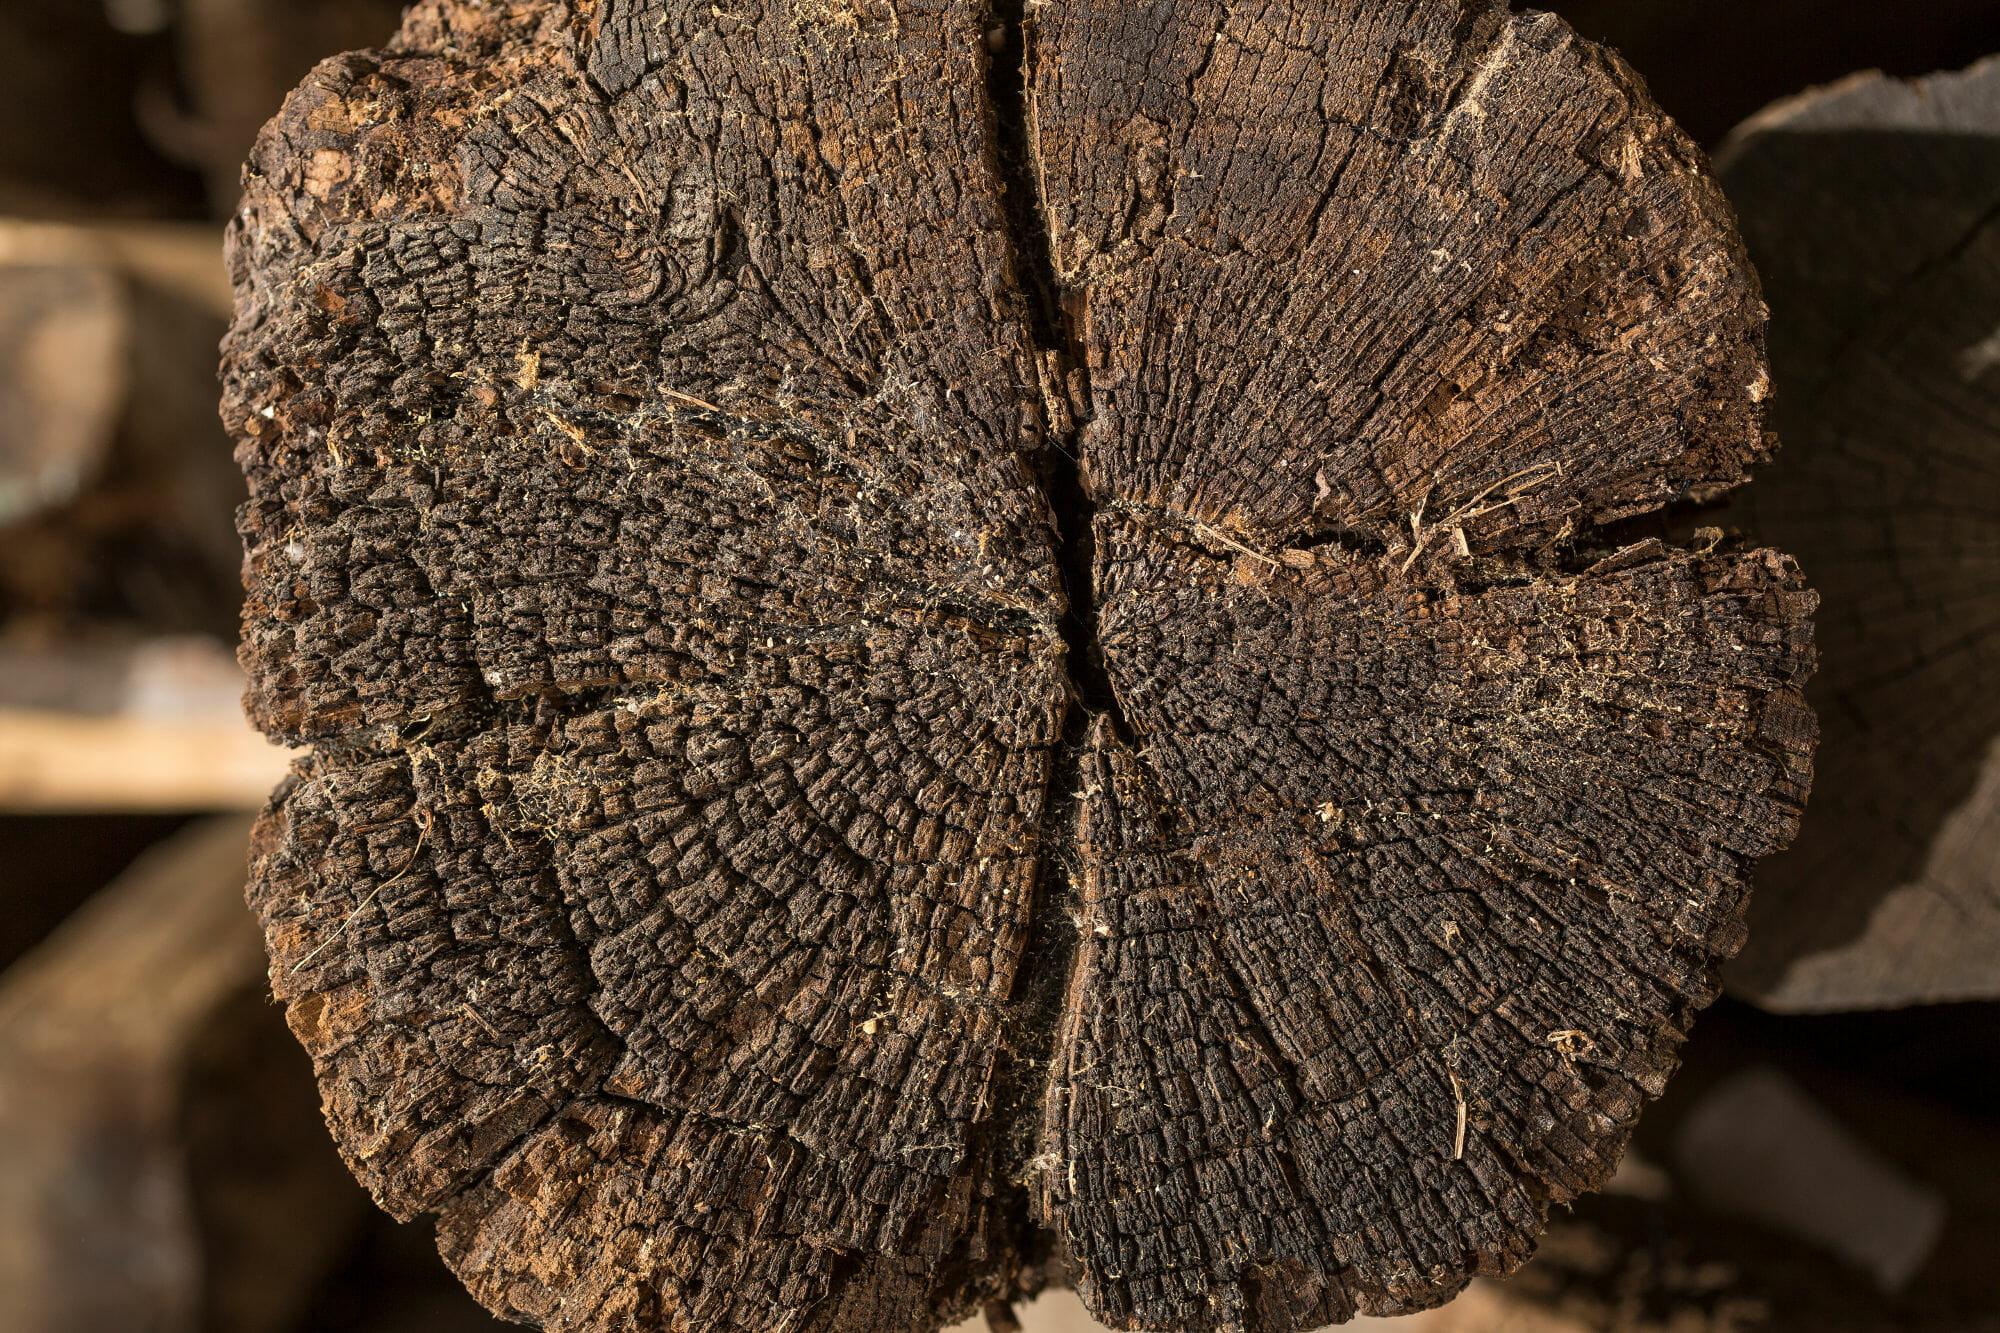 Il punto di partenza sezione di un tronco di recupero - News, il fascino del legno antico di recupero